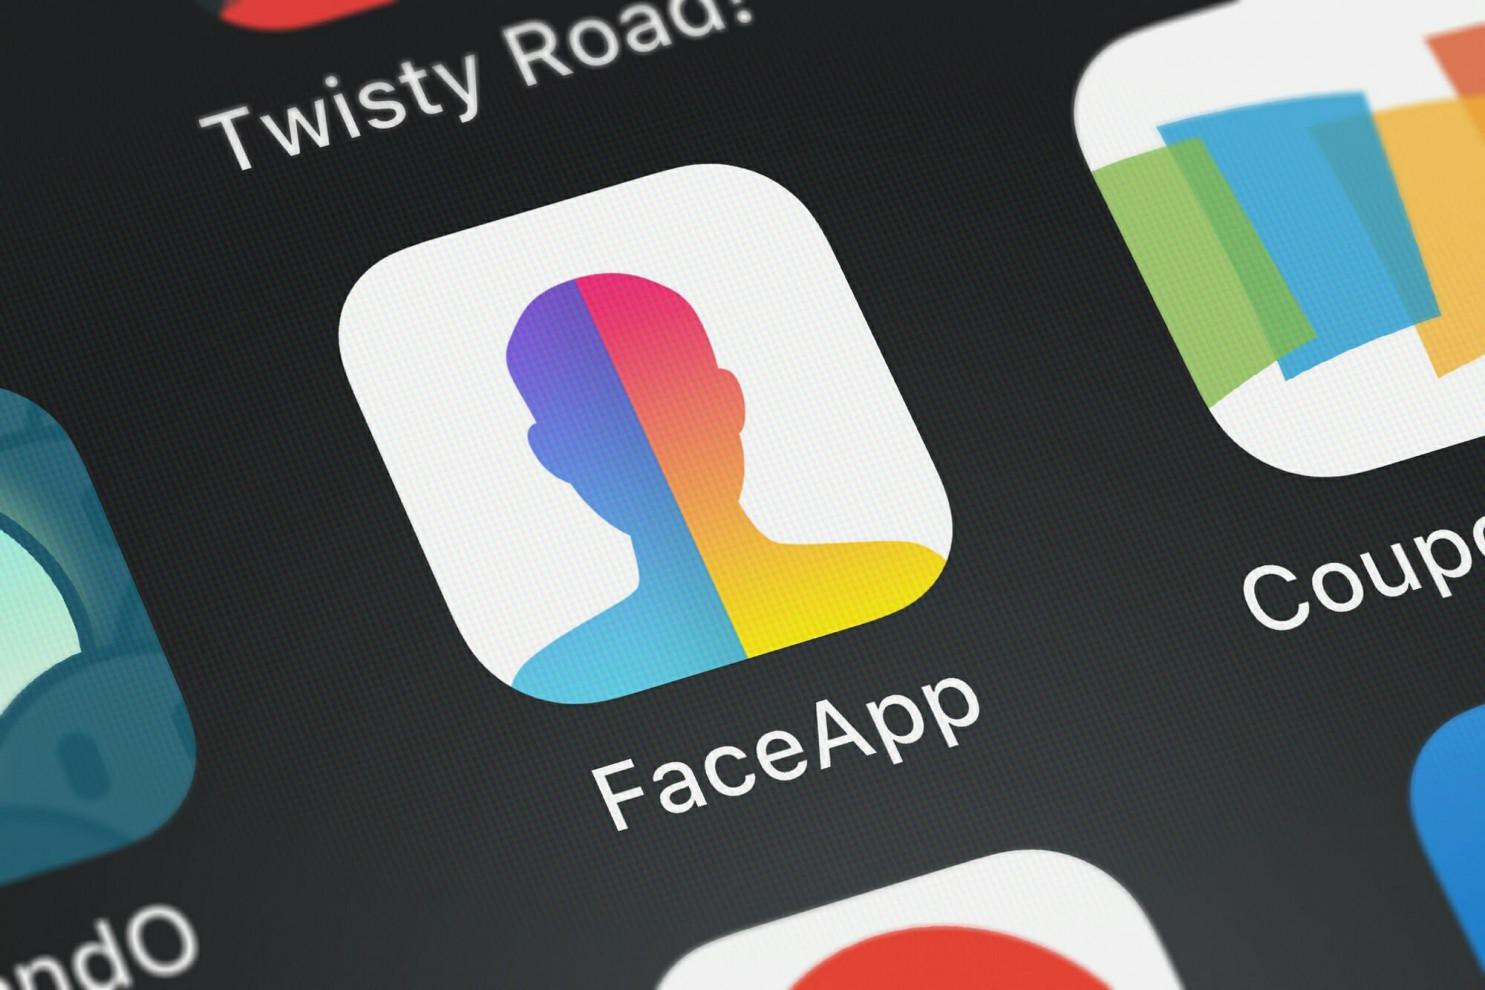 Is het FaceApp veilig?